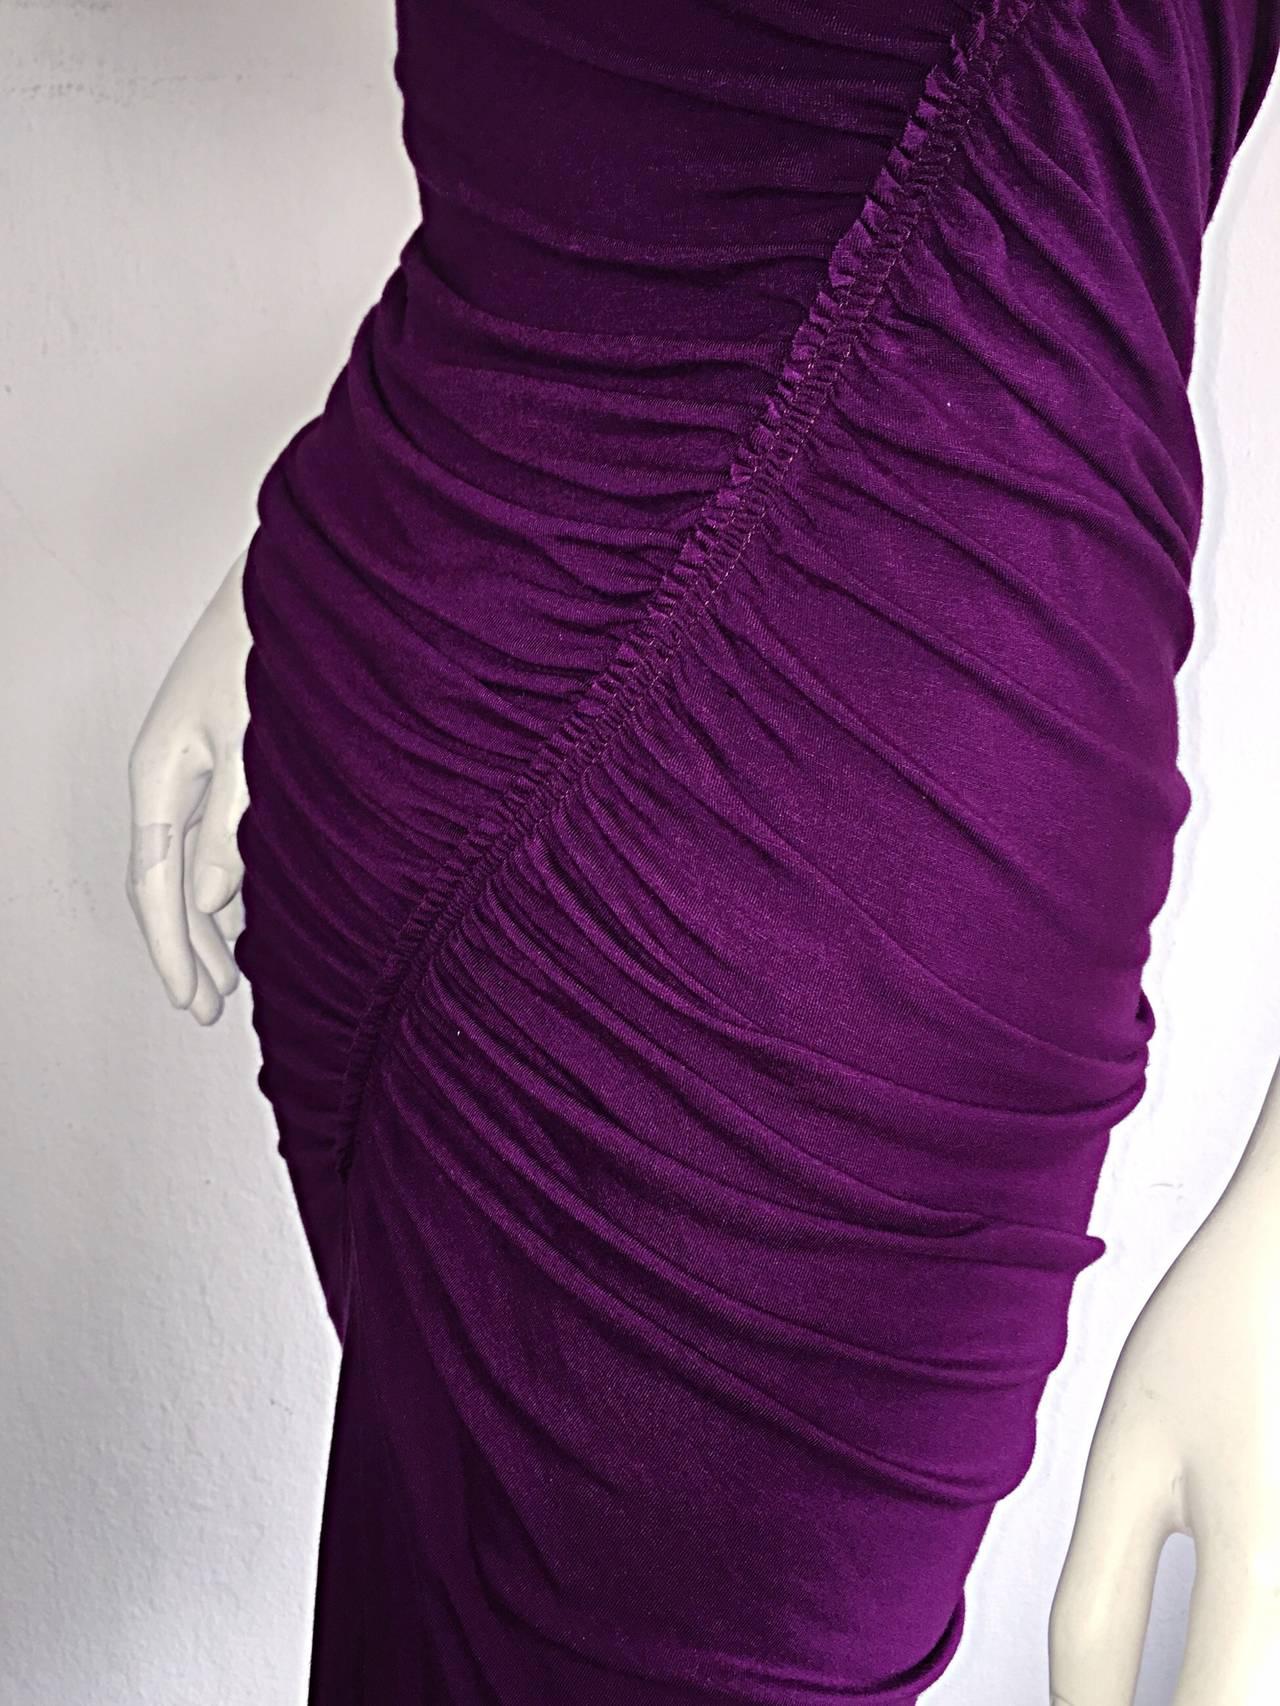 Brand New Donna Karan ' Black Label ' Fall 2010 Purple Ruched Runway Dress 3